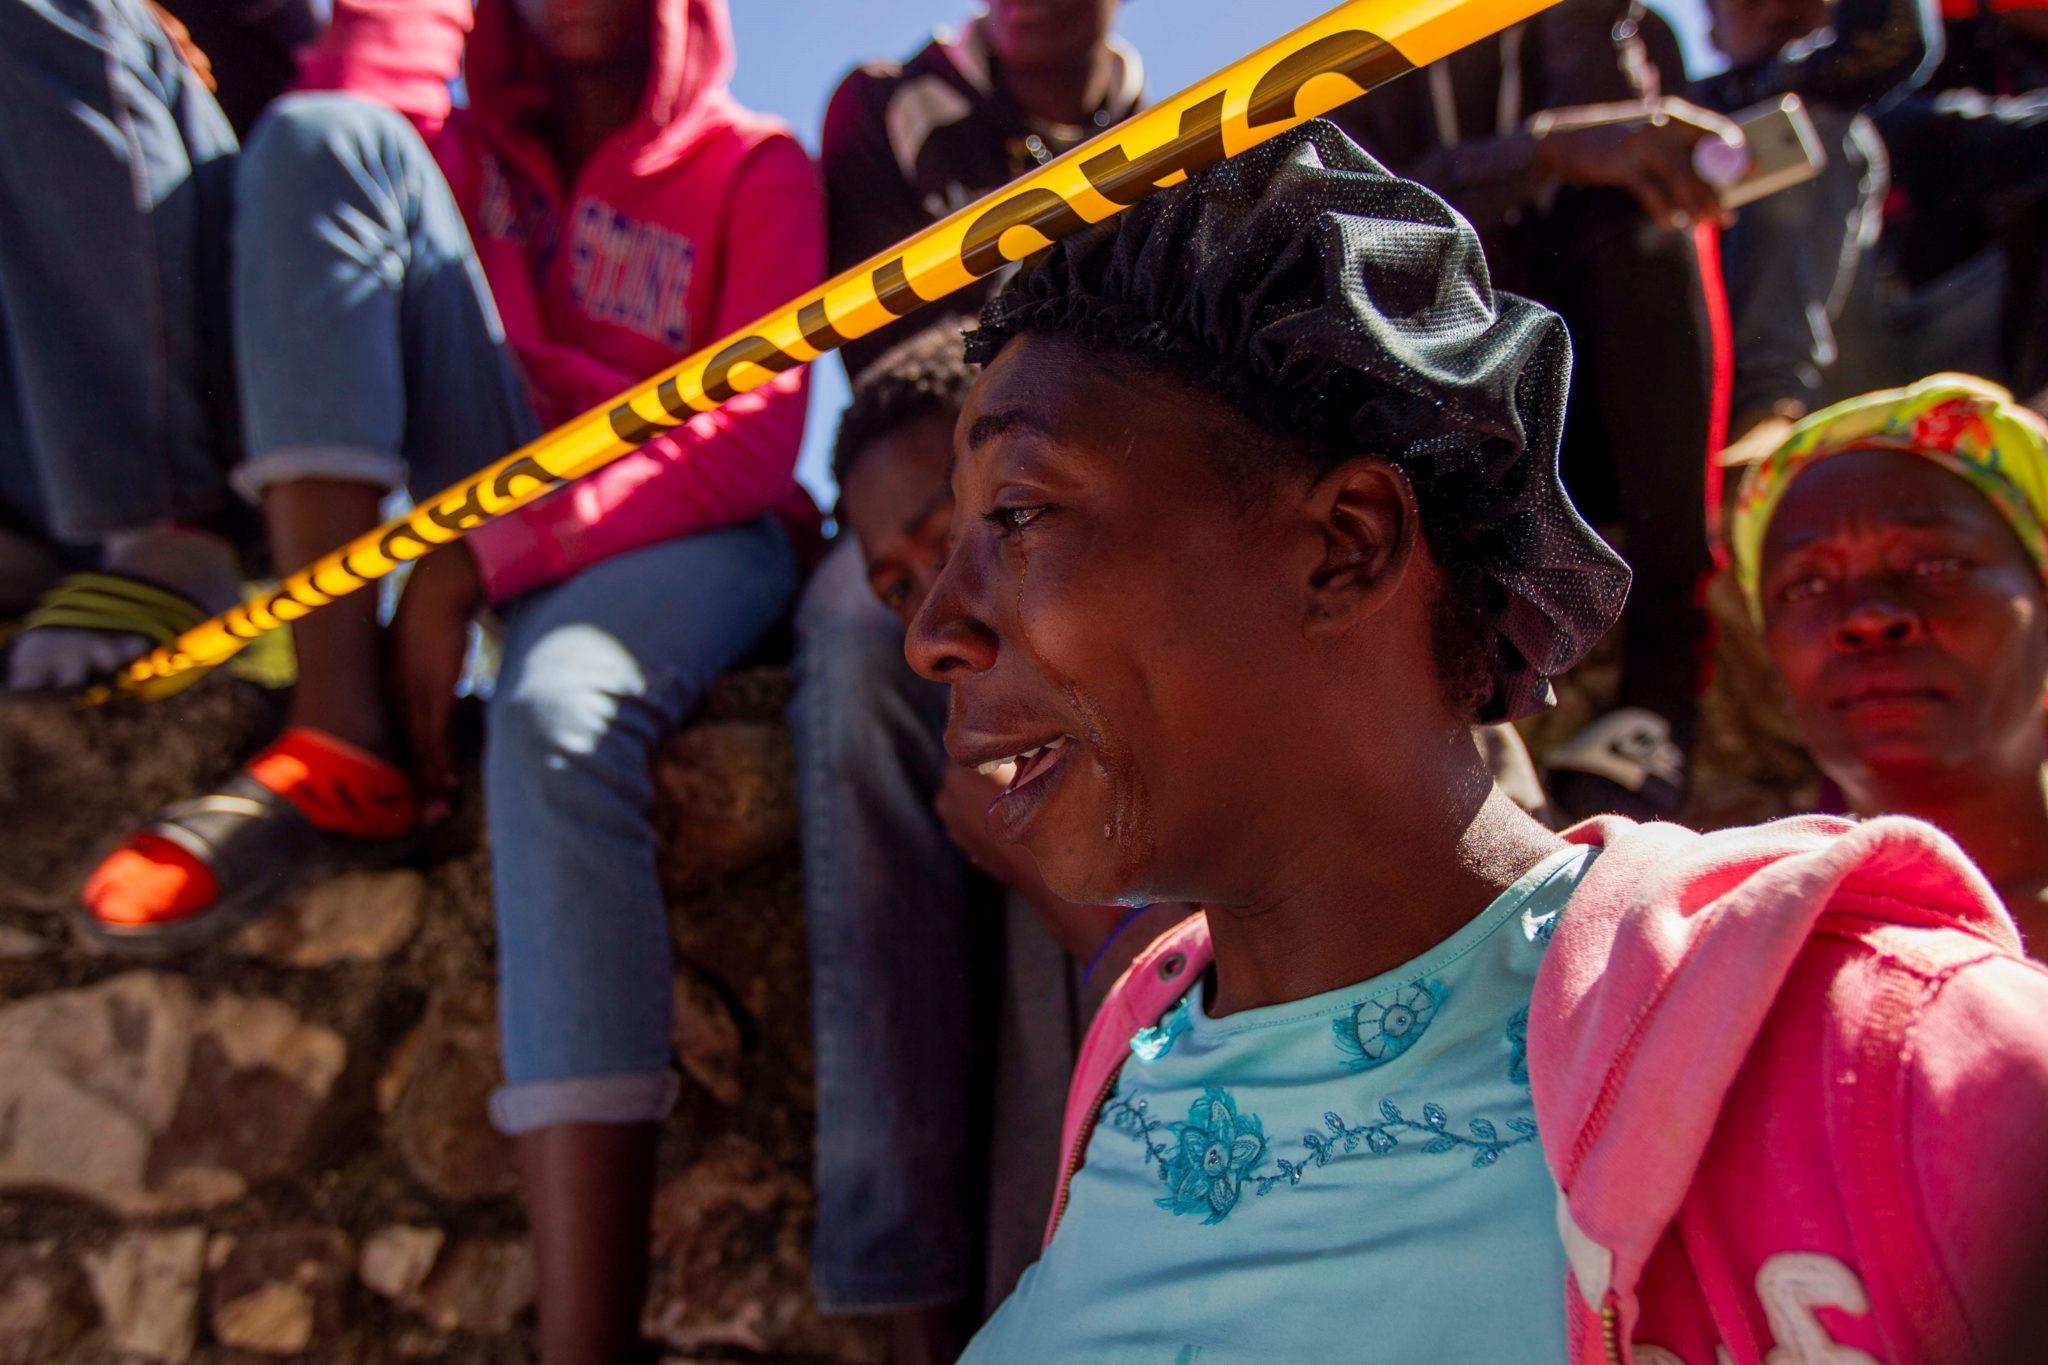 Rozpacz mieszkańców Haiti po śmierci 15 dzieci w pożarze sierocińca. fot. EPA/Jean Marc Abelard